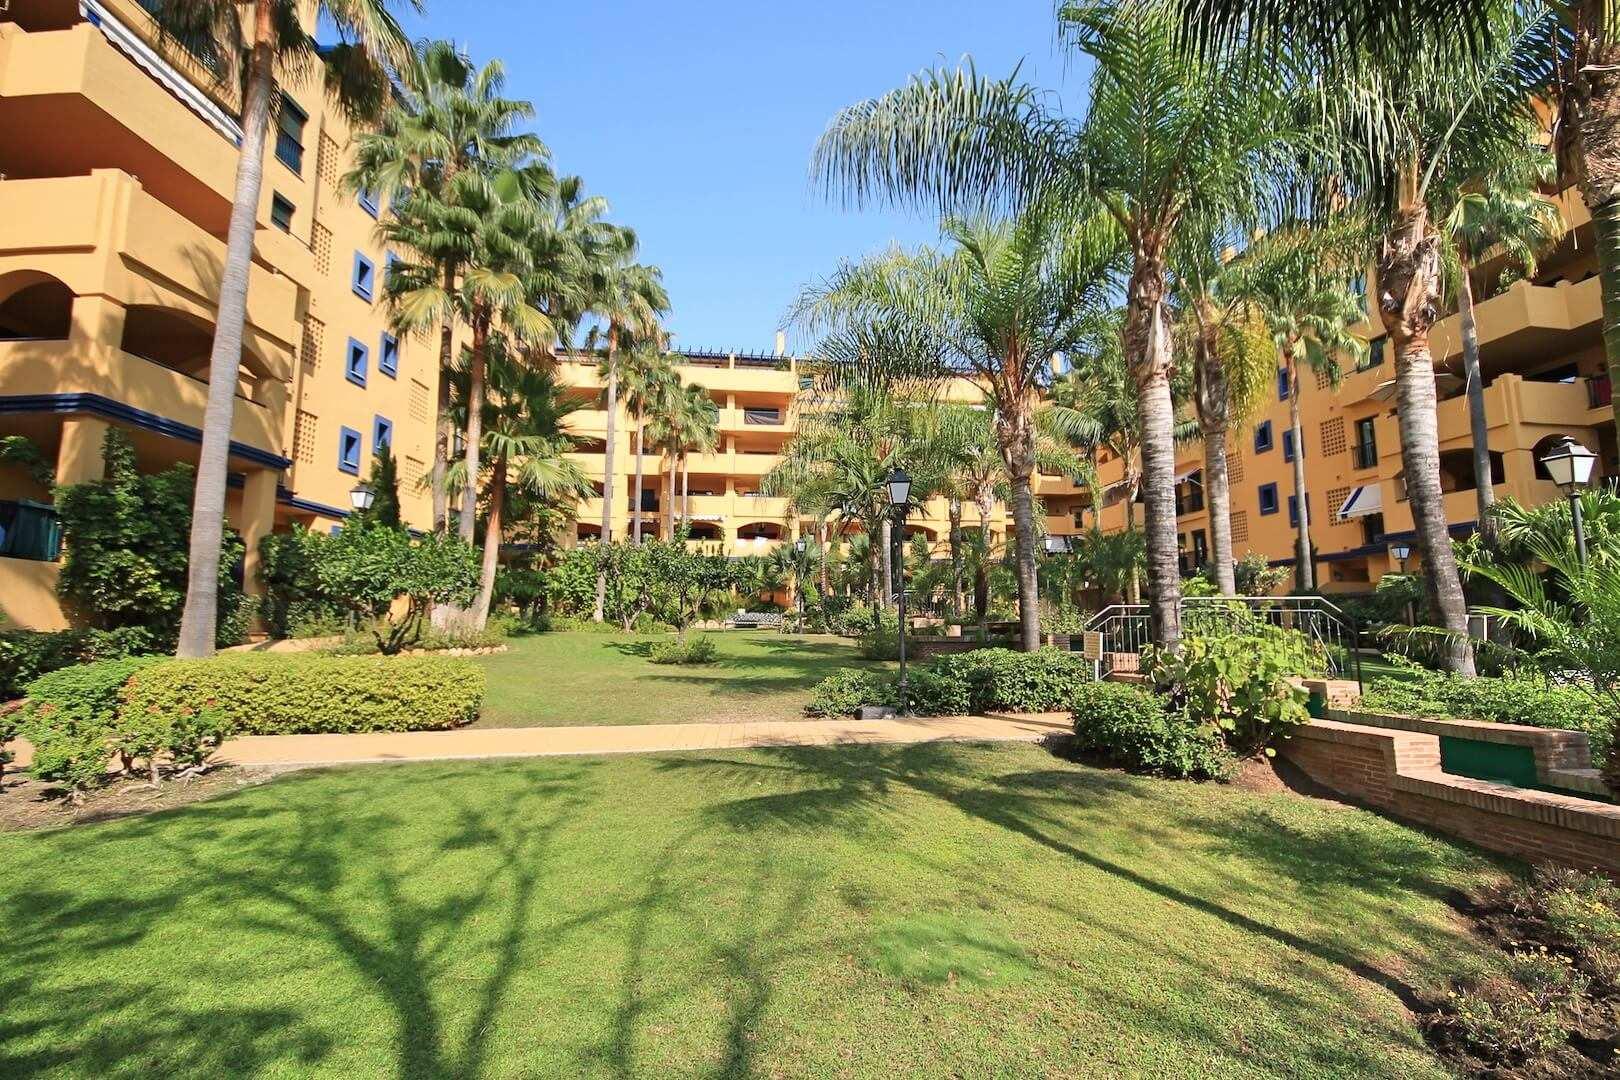 Por el precio de un piso de lujo puedes comprar 14 viviendas - Blog Guia de empresas interesantes de Málaga